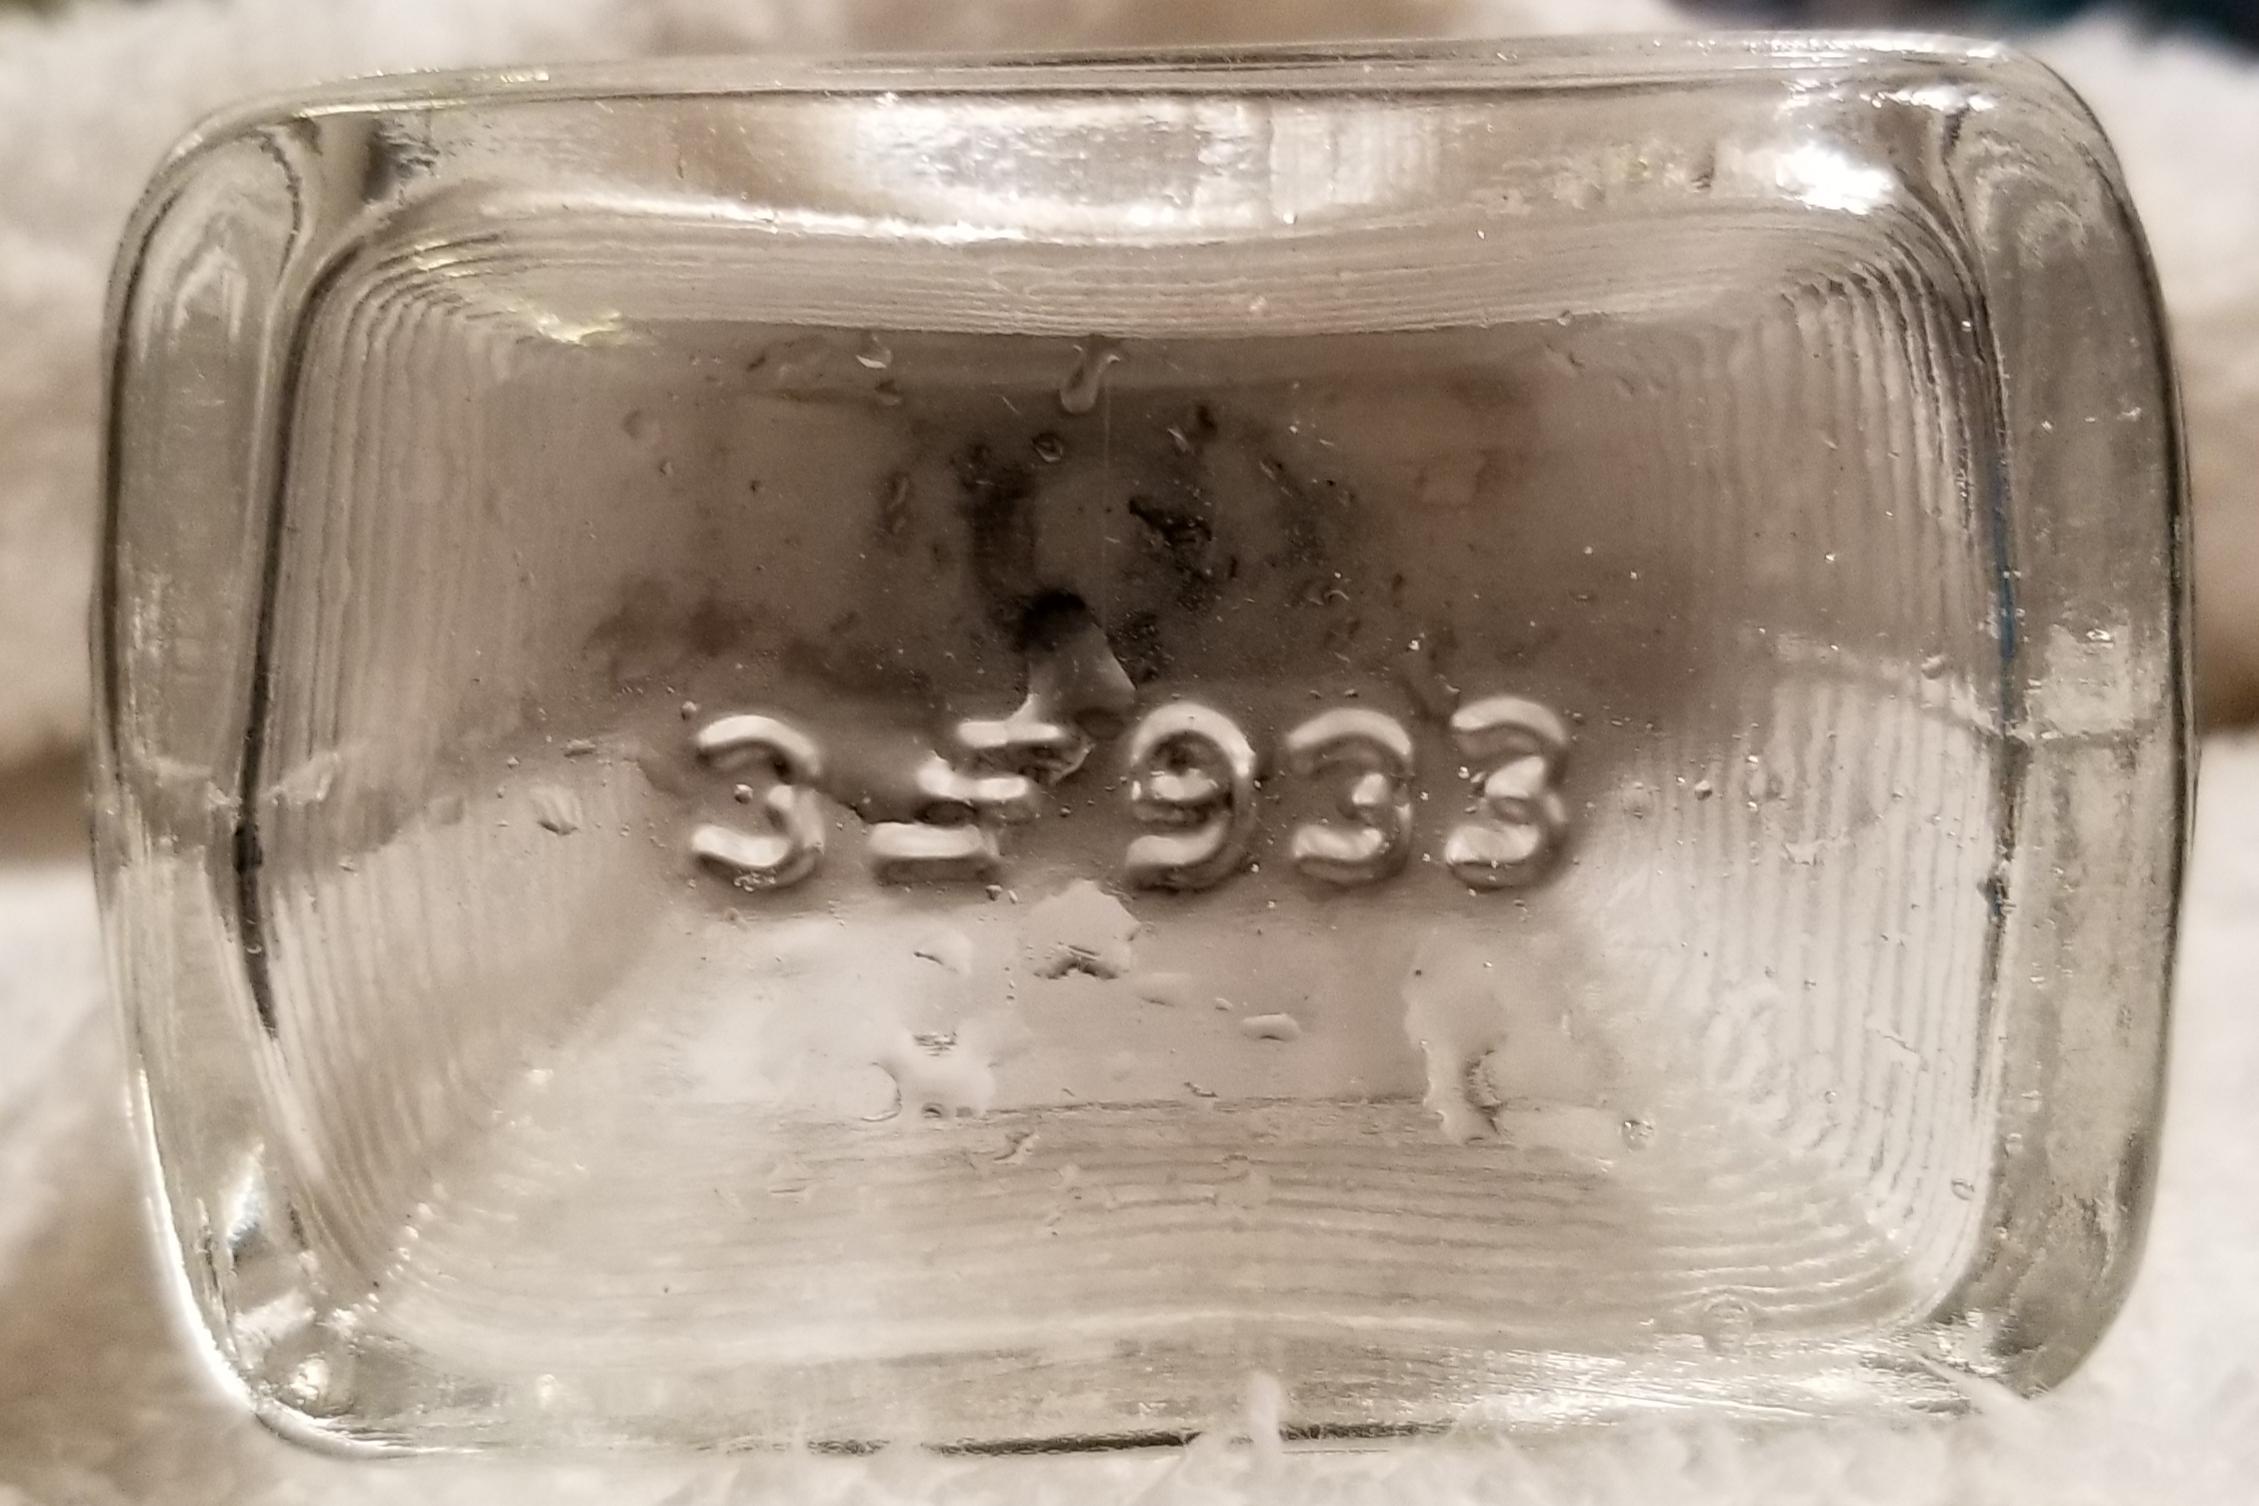 20210119_175246.jpg